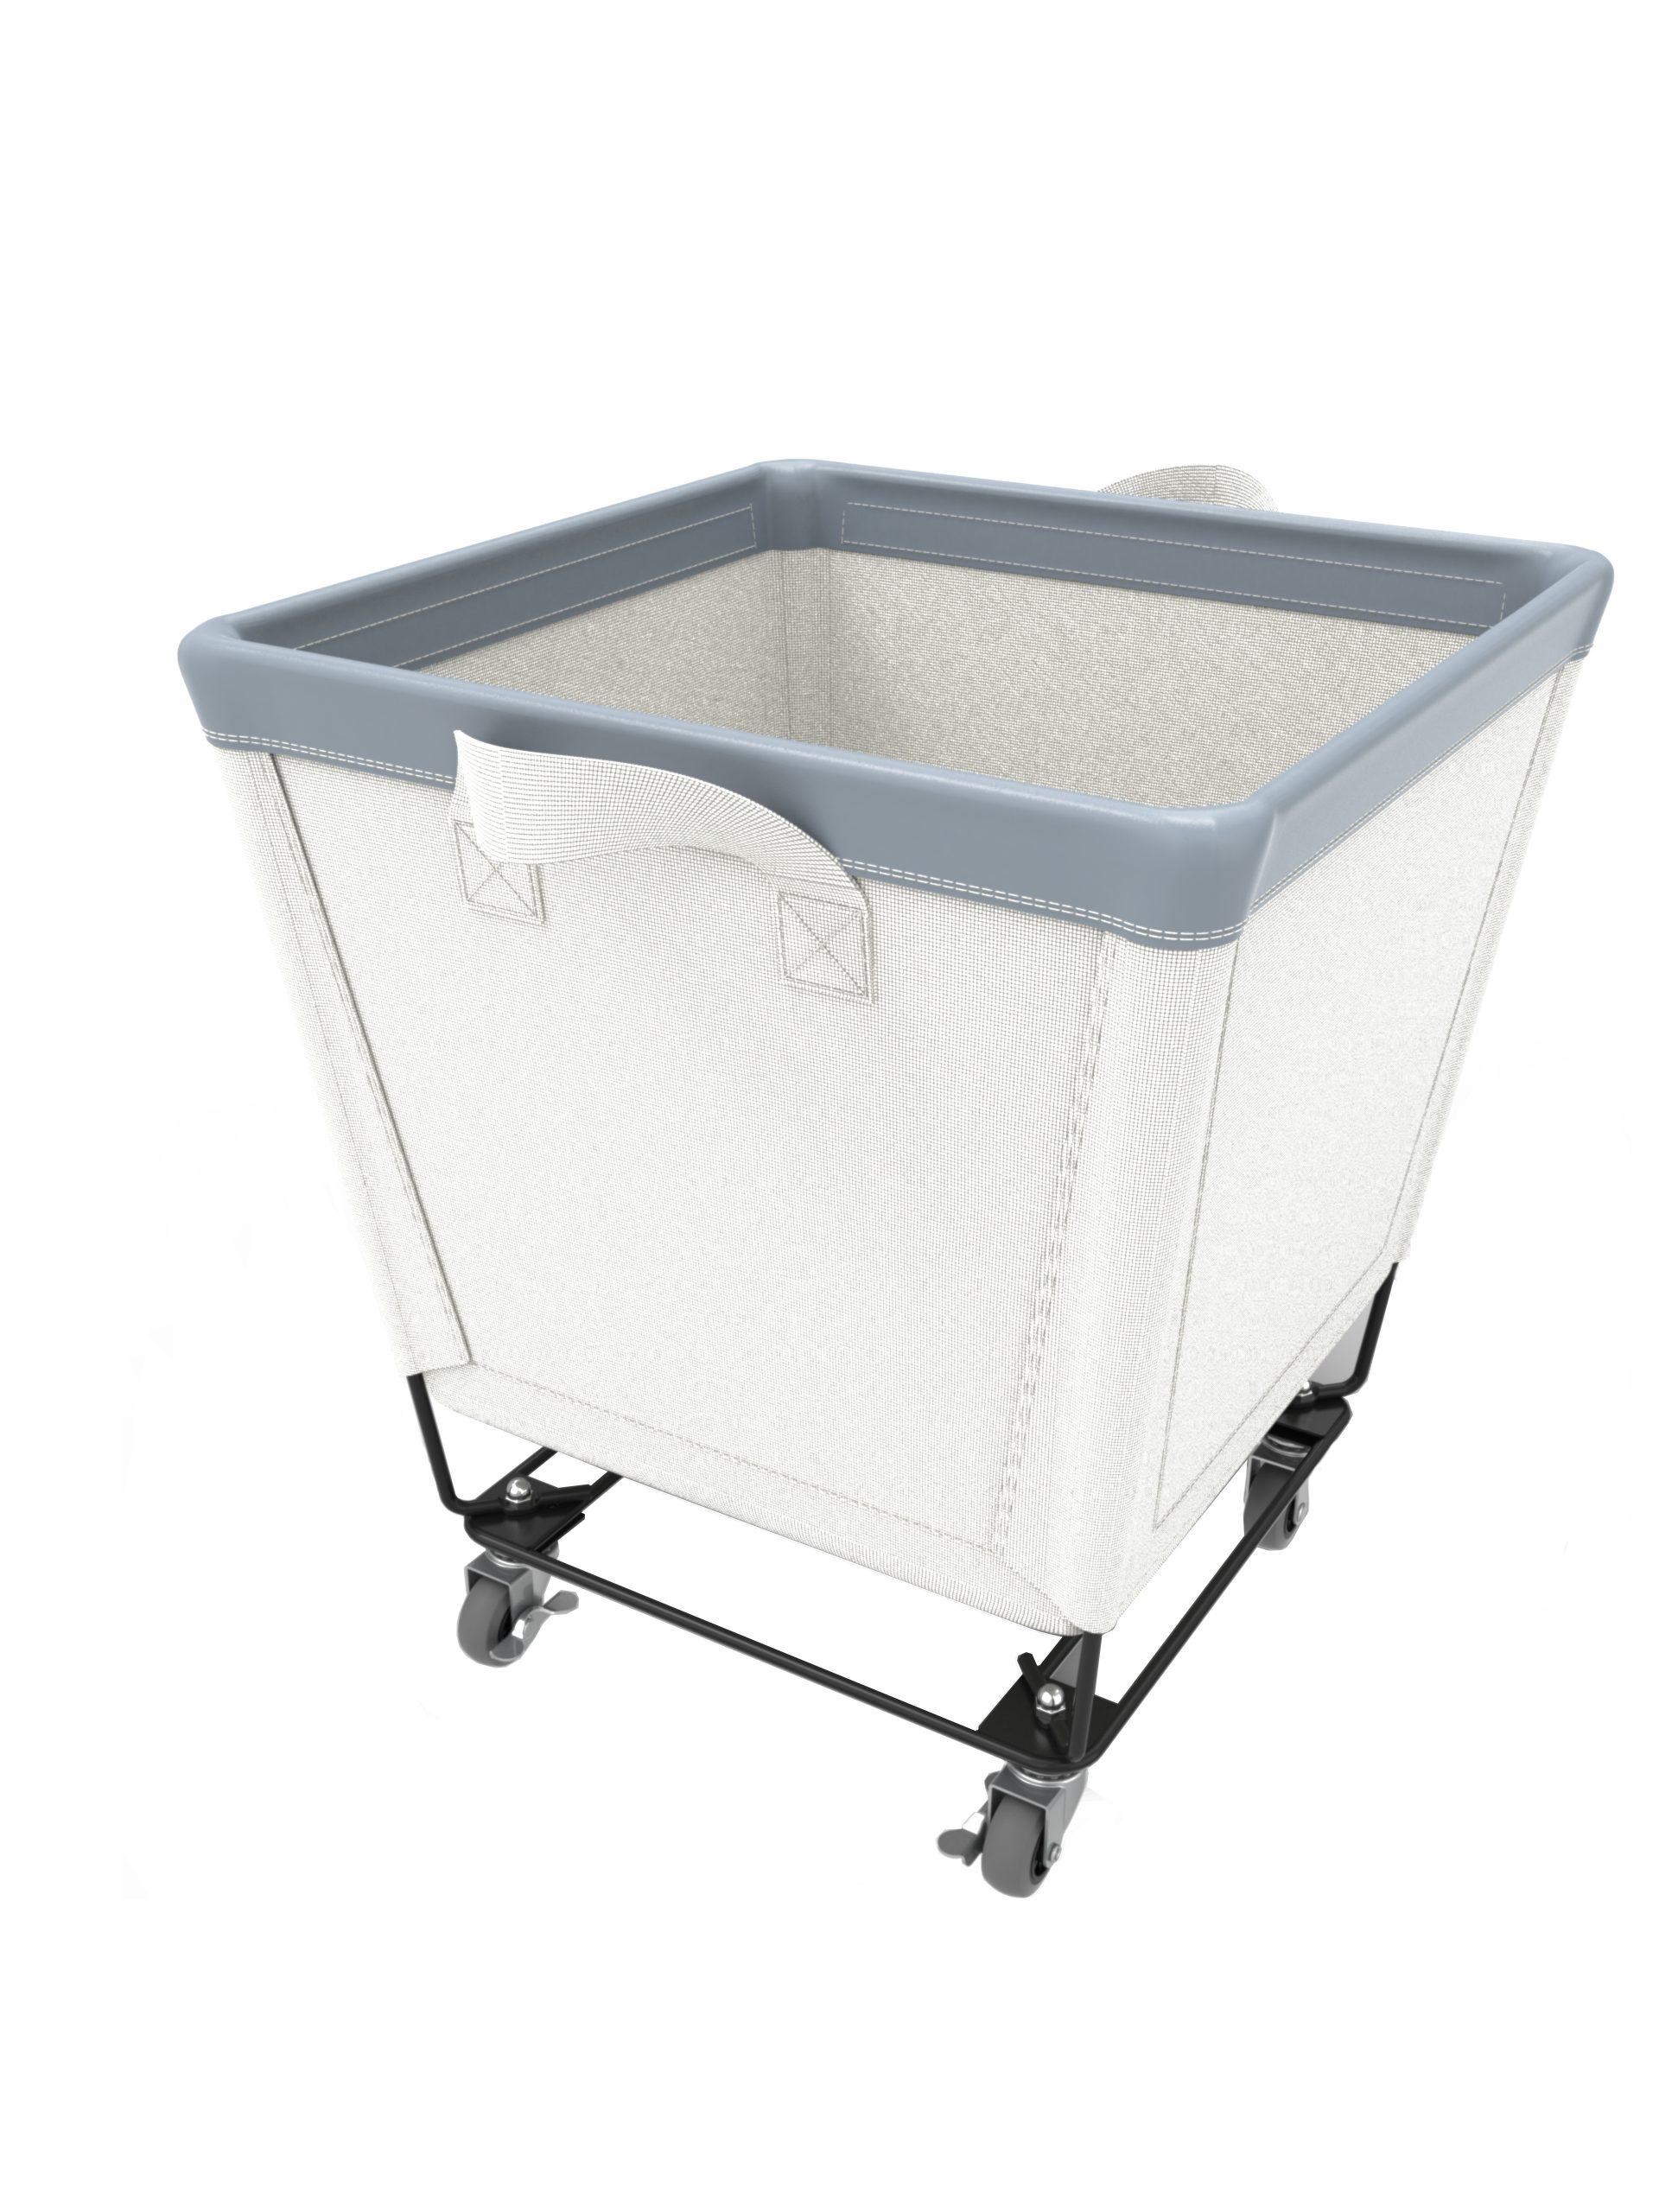 Detachable Laundry Basket1 Scaled